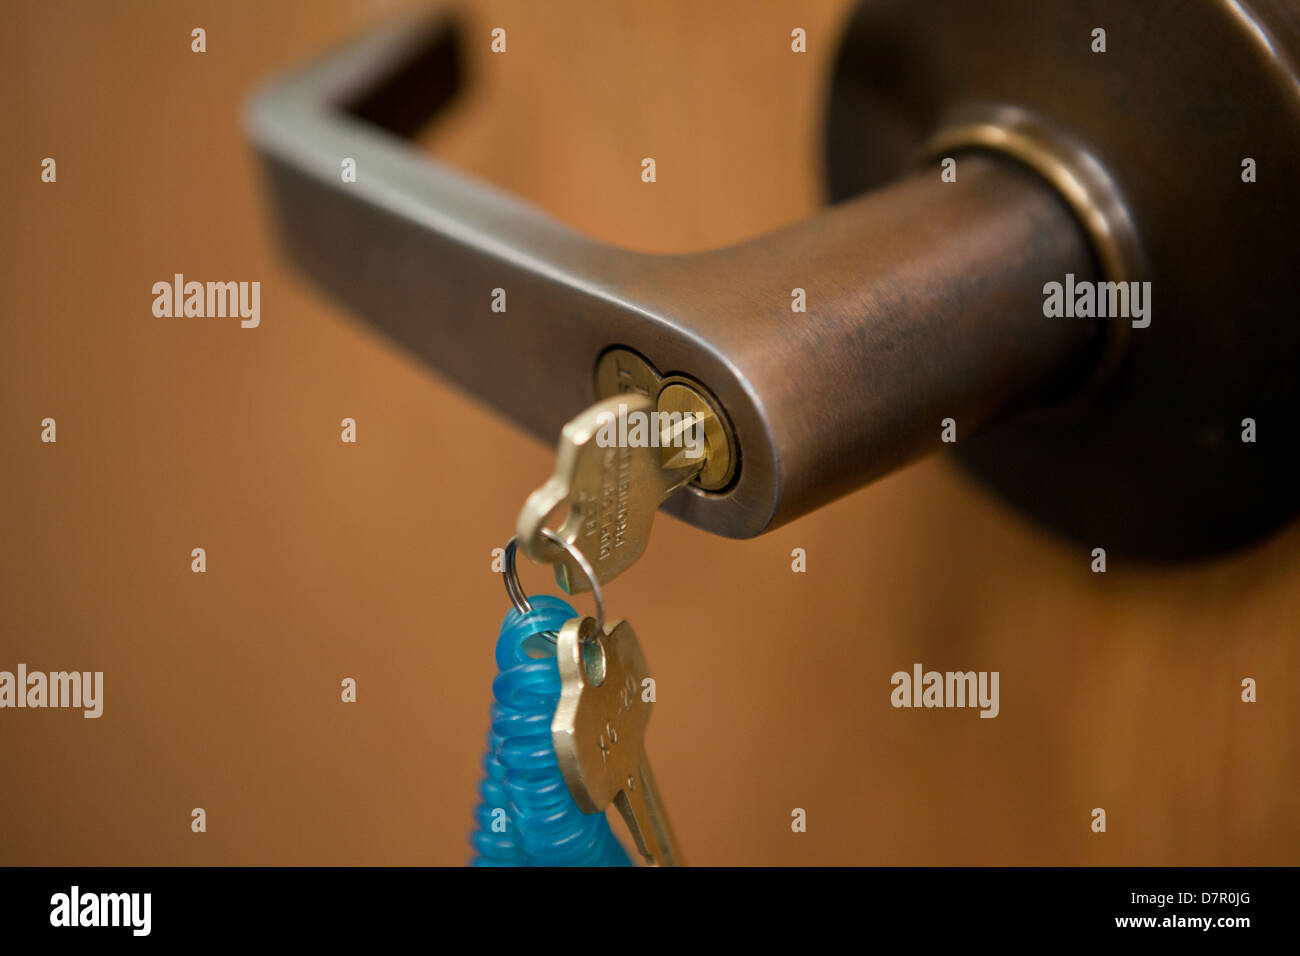 Key in office door lock - Stock Image